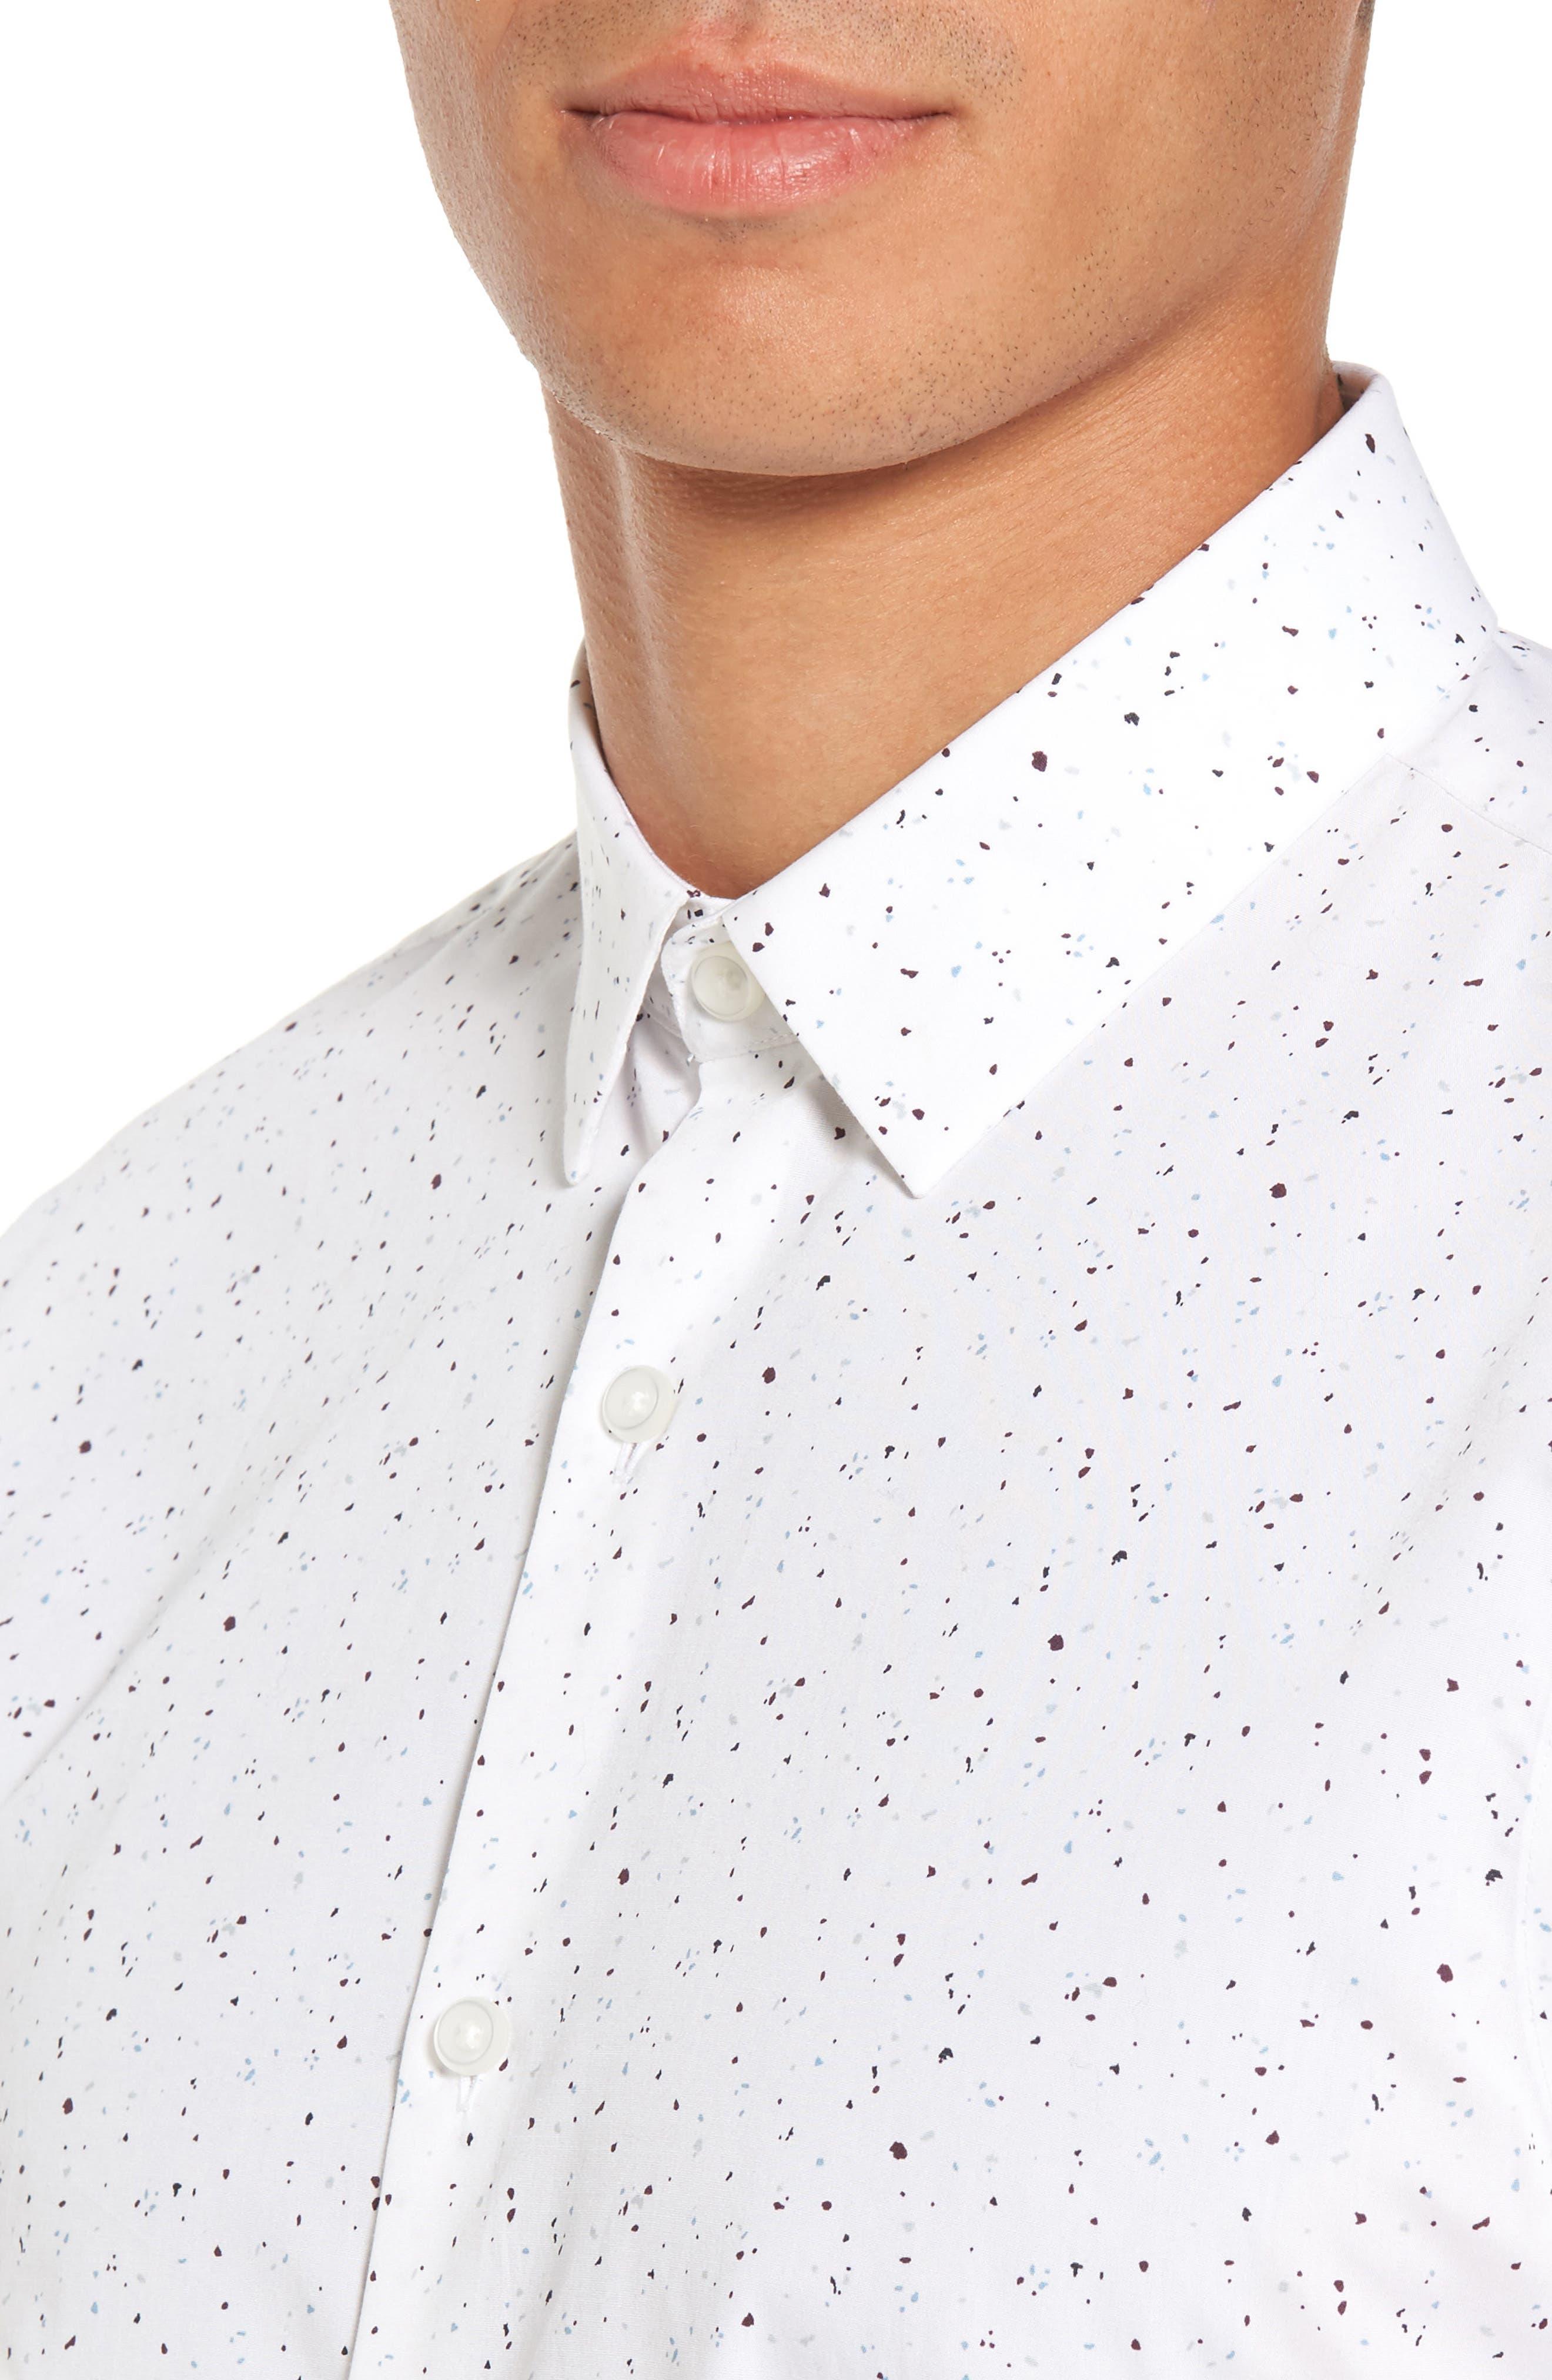 Speckle Print Sport Shirt,                             Alternate thumbnail 4, color,                             White Plum Splatter Print